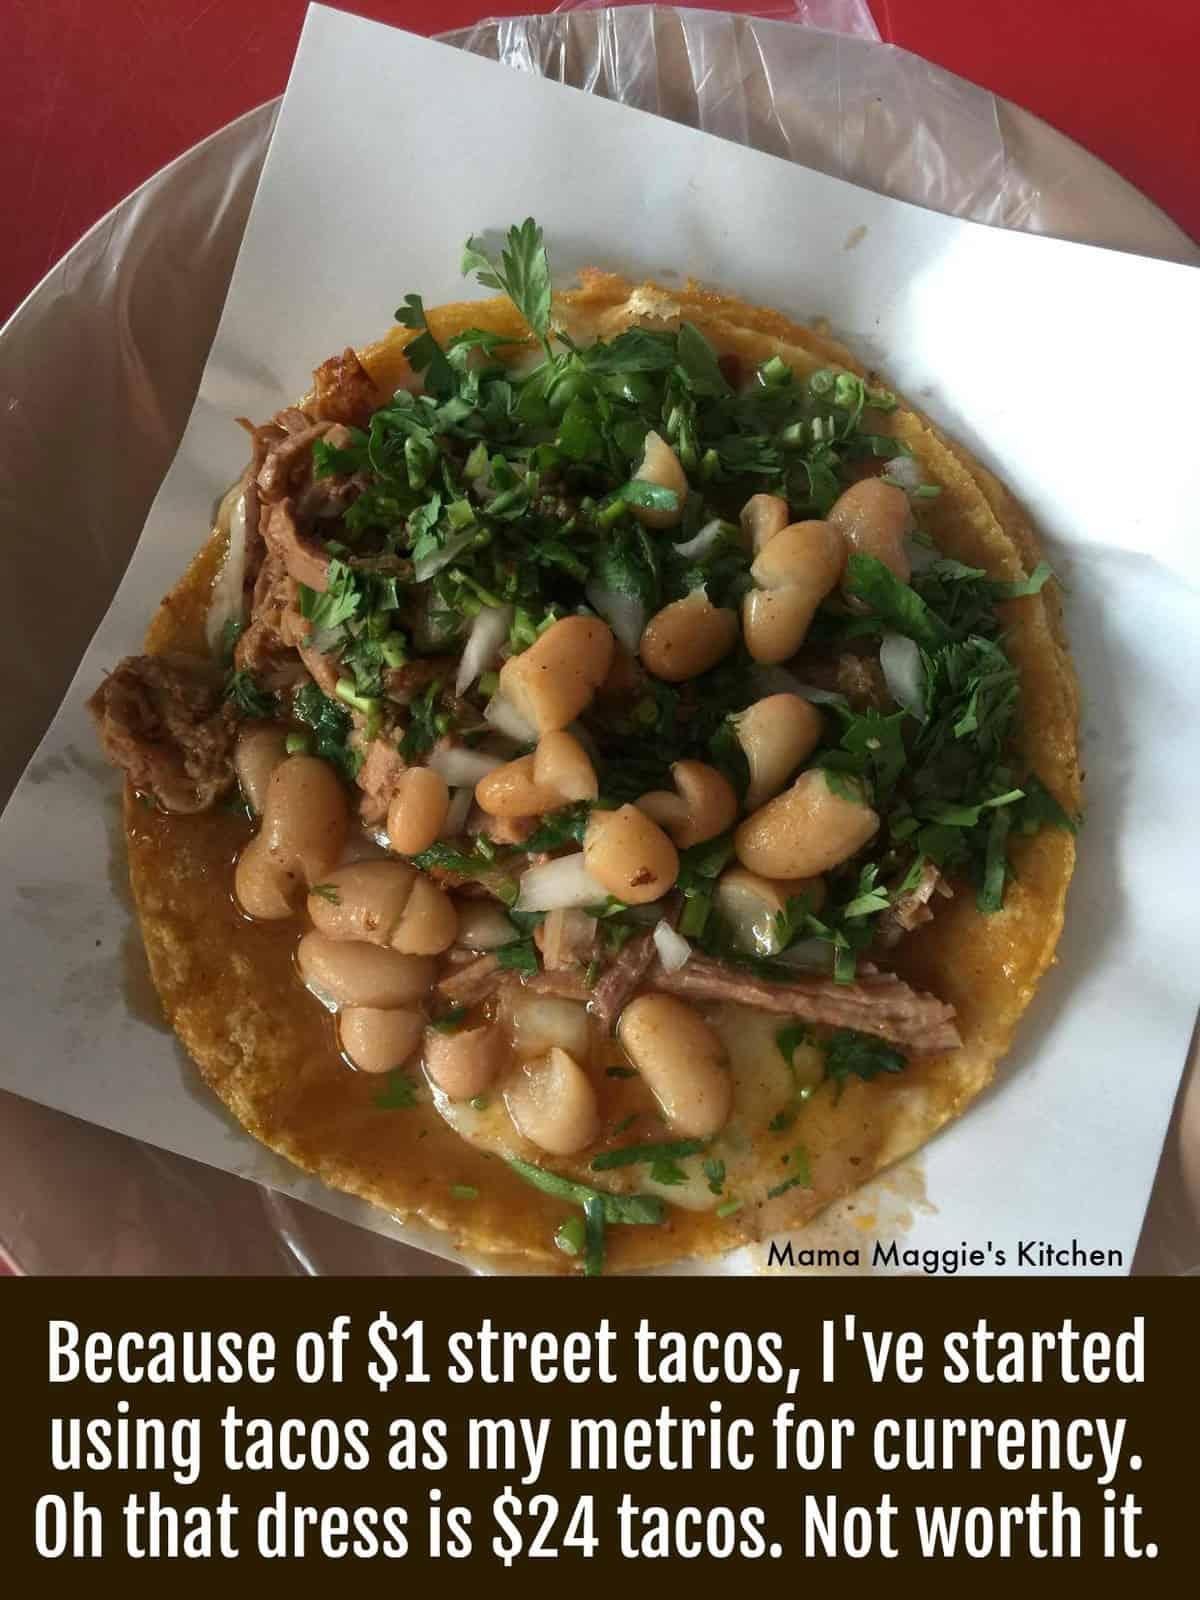 A bean taco topped with cilantro.